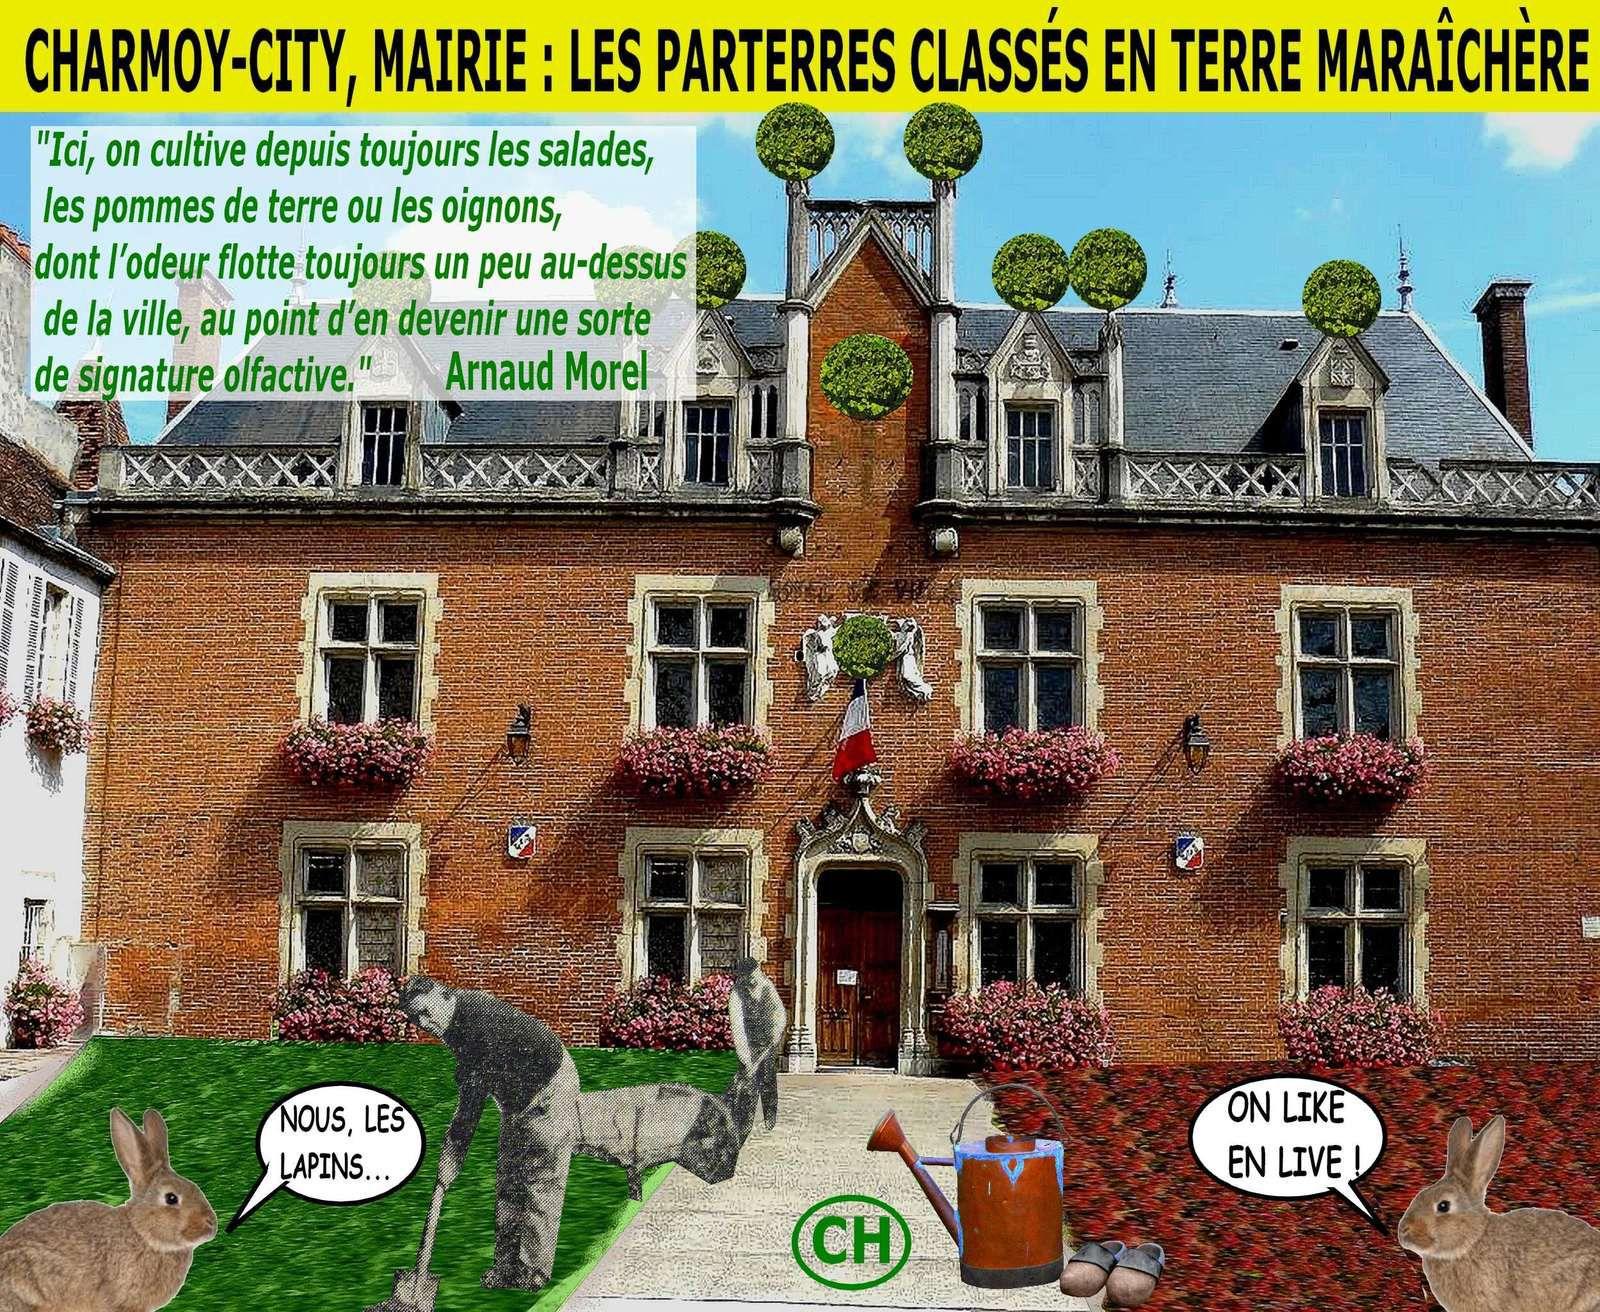 Charmoy-City, mairie, les parterres classés en terre maraîchère .jpg